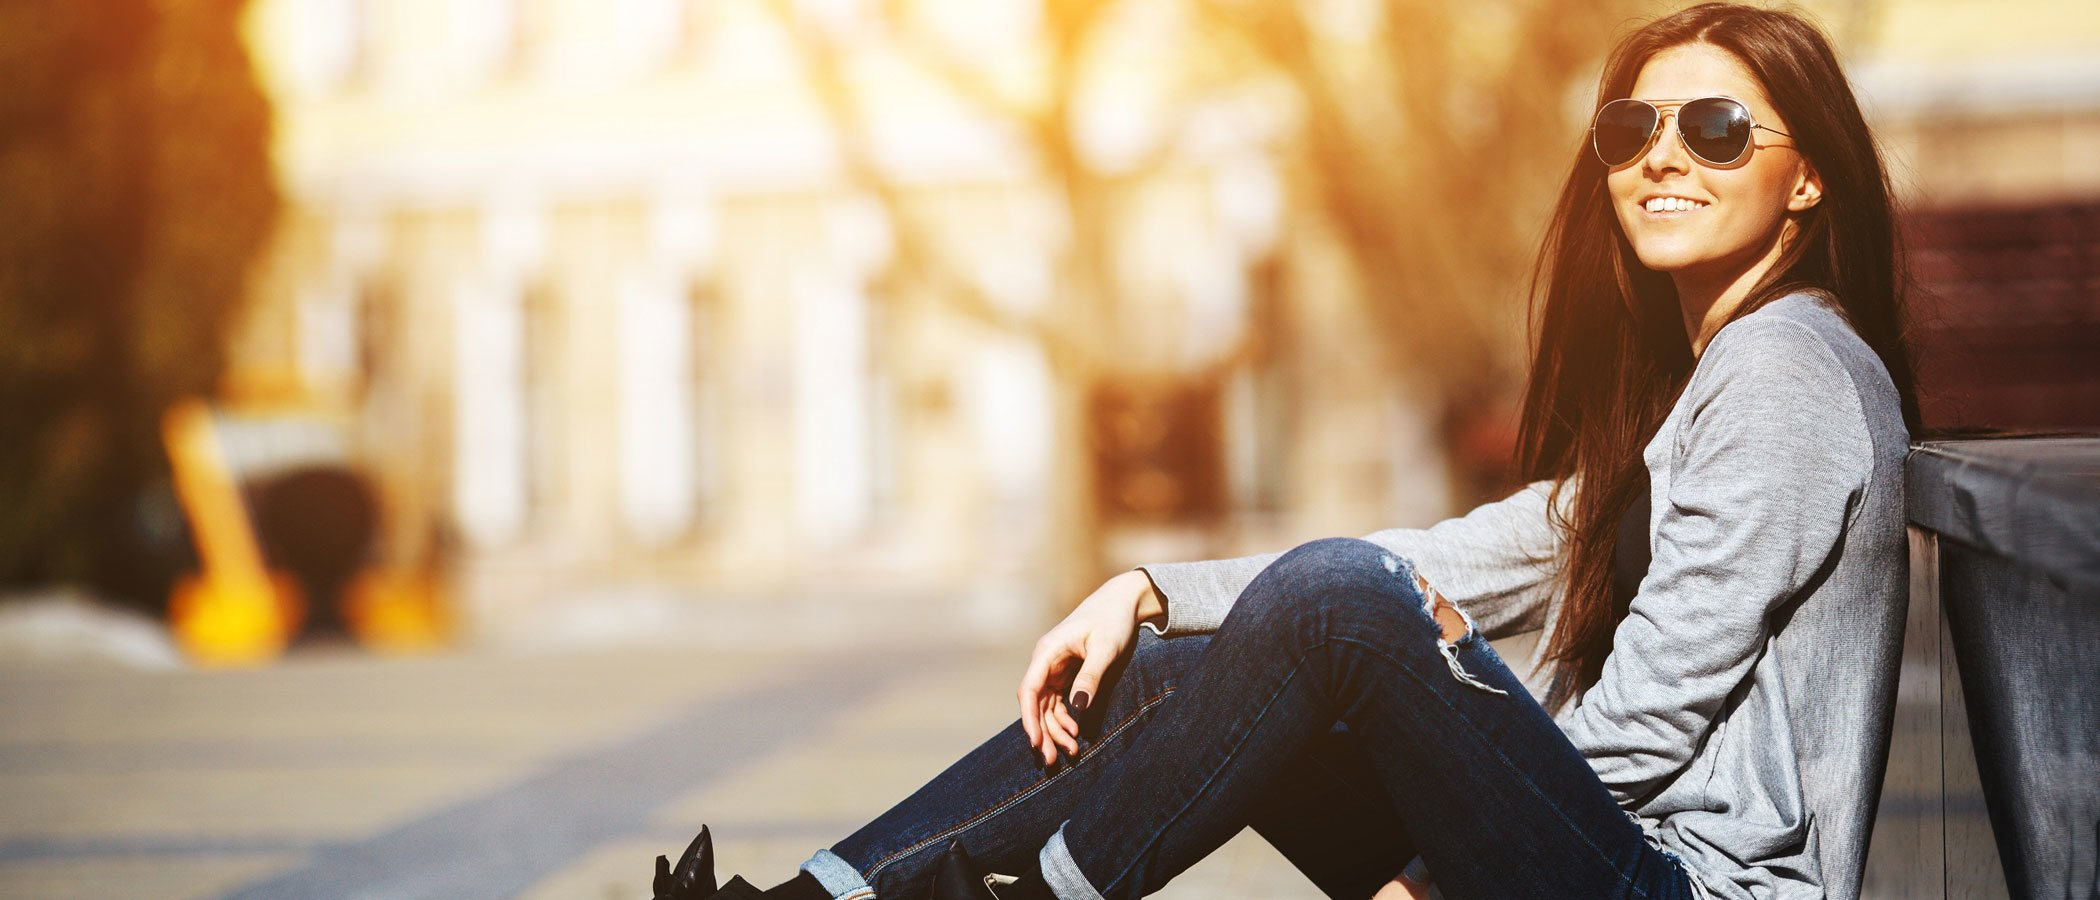 ¿Qué jeans están de moda en 2021?